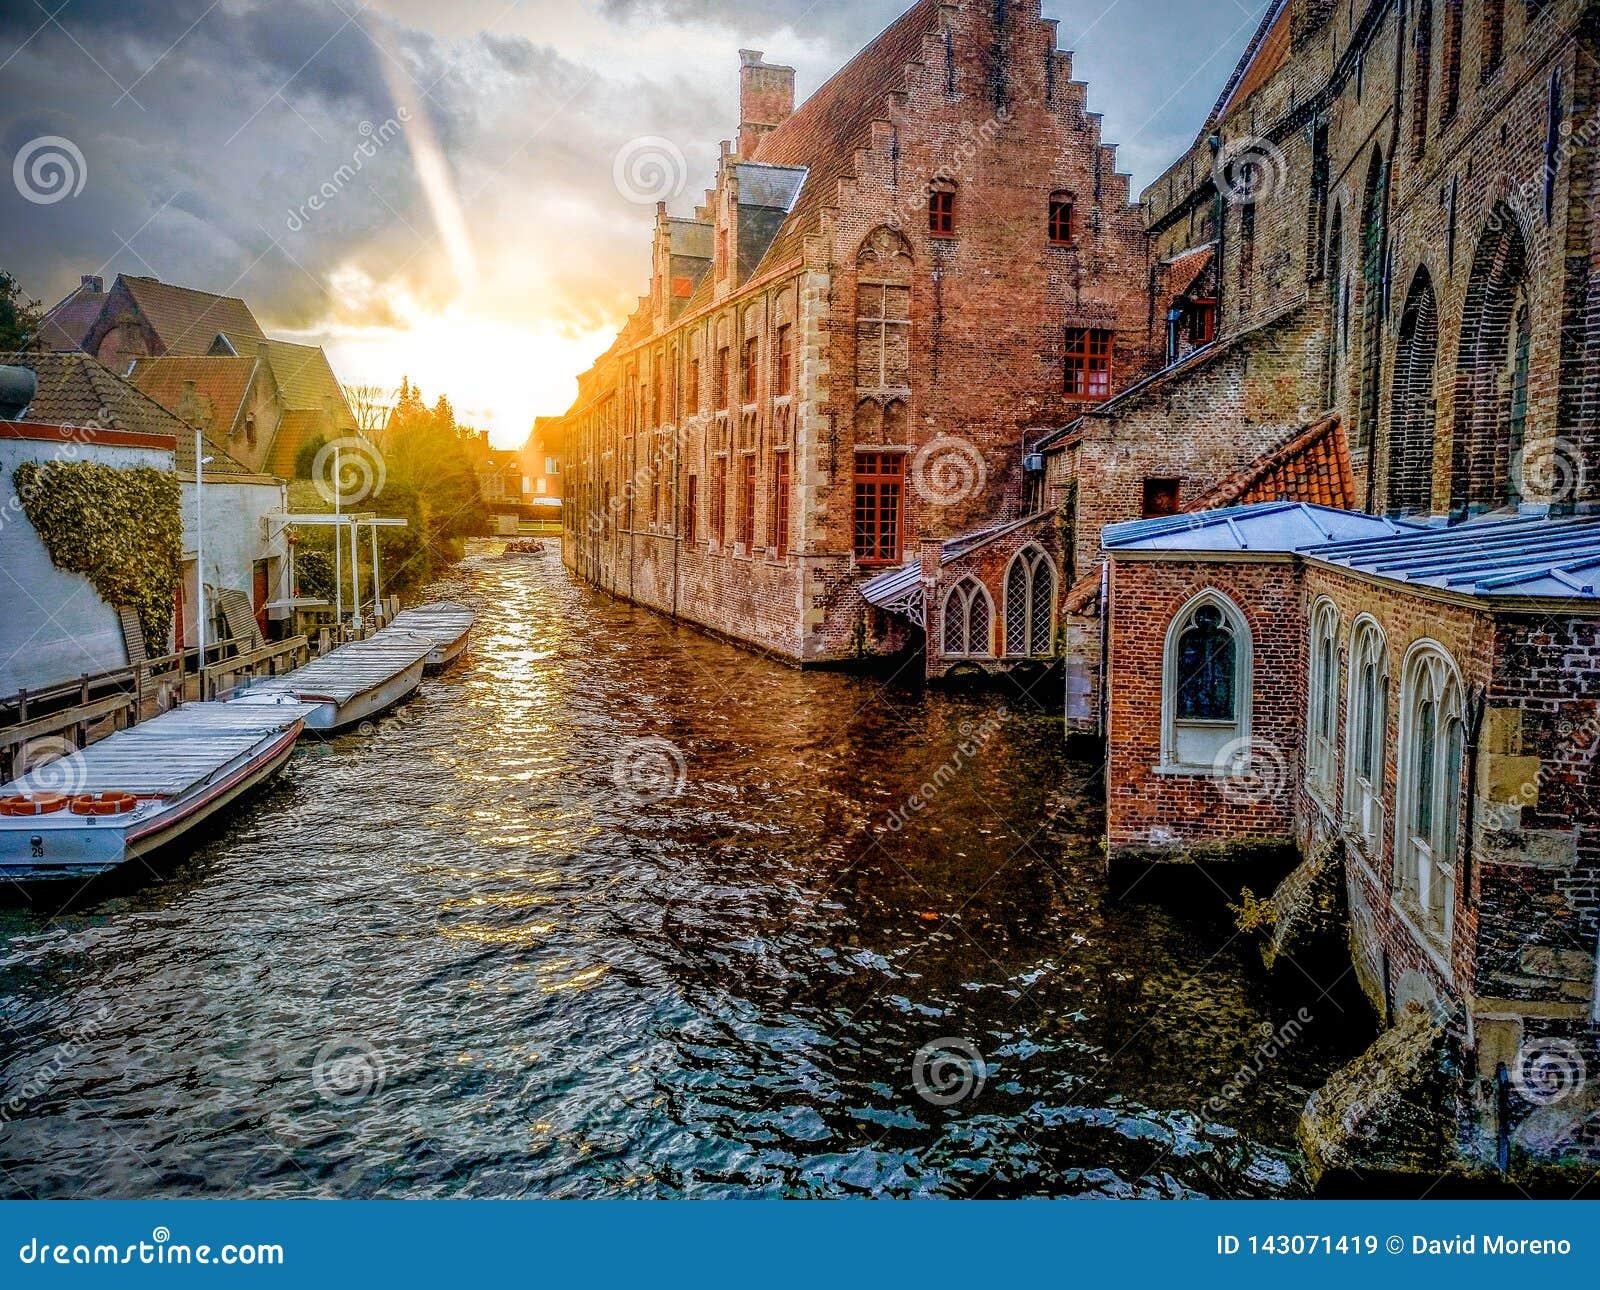 Canais da cidade medieval de Bruges usando os barcos típicos sobre canais em Bélgica